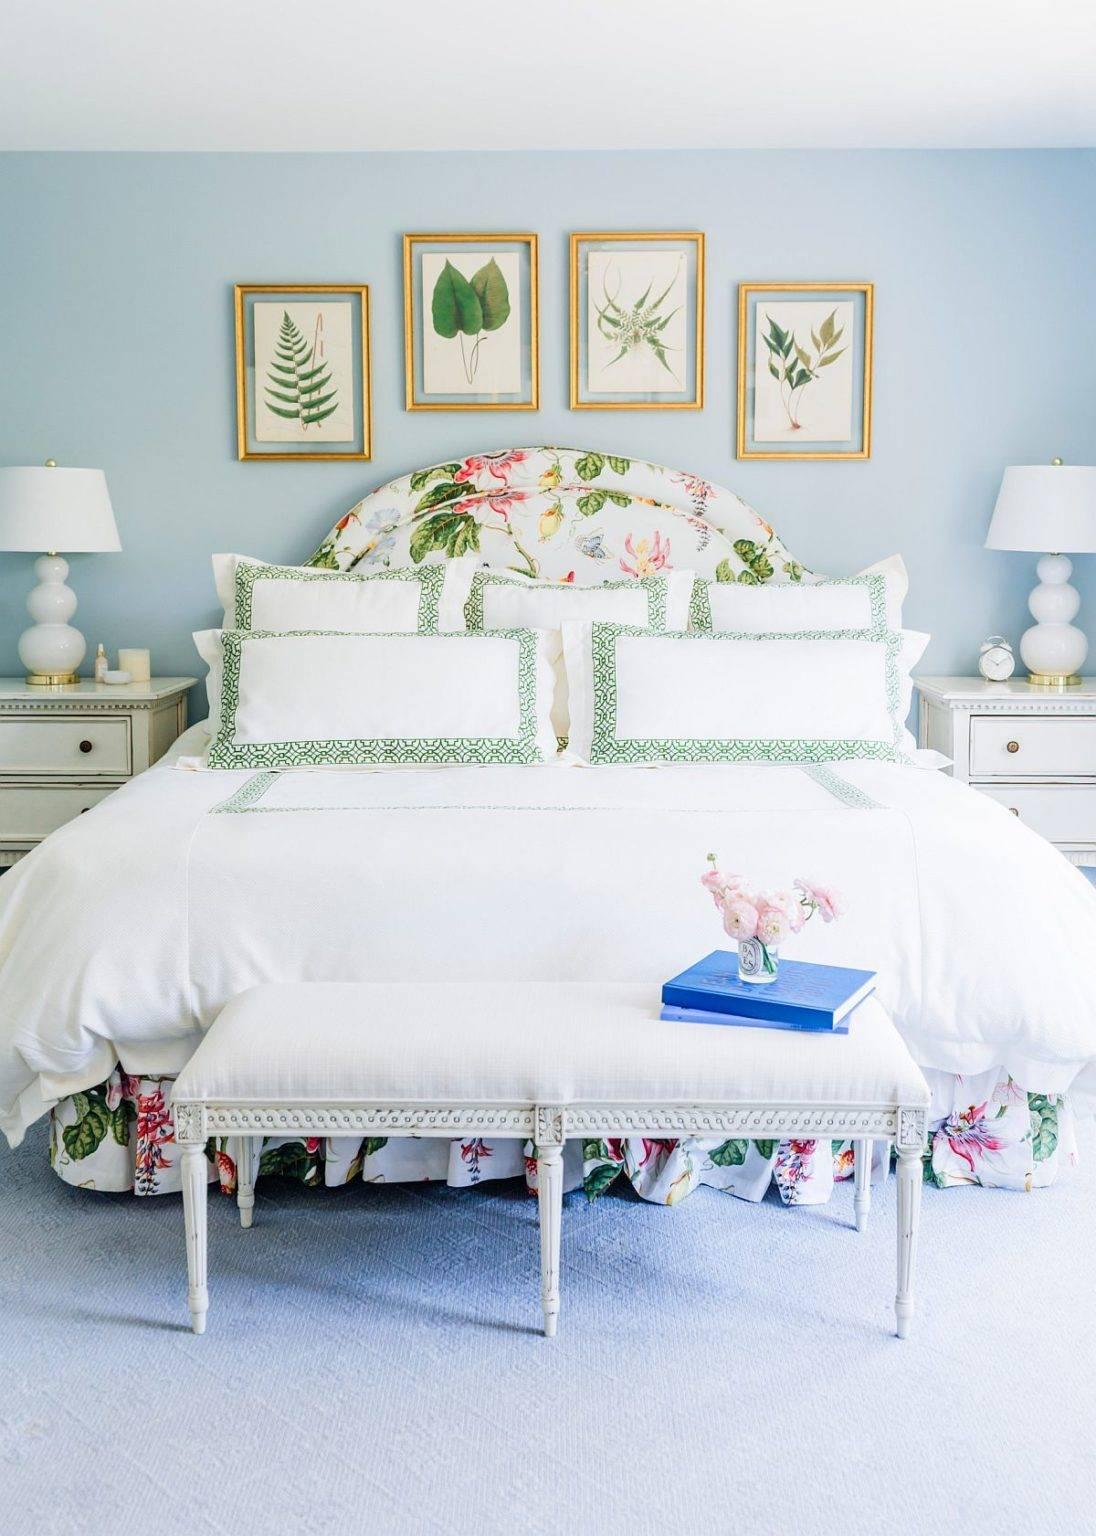 Phòng ngủ truyền thống trang nhã với màu xanh lam nhạt và trắng kết hợp hài hòa, làm phông nền cho họa tiết lá cây nổi bật, sinh động hơn.